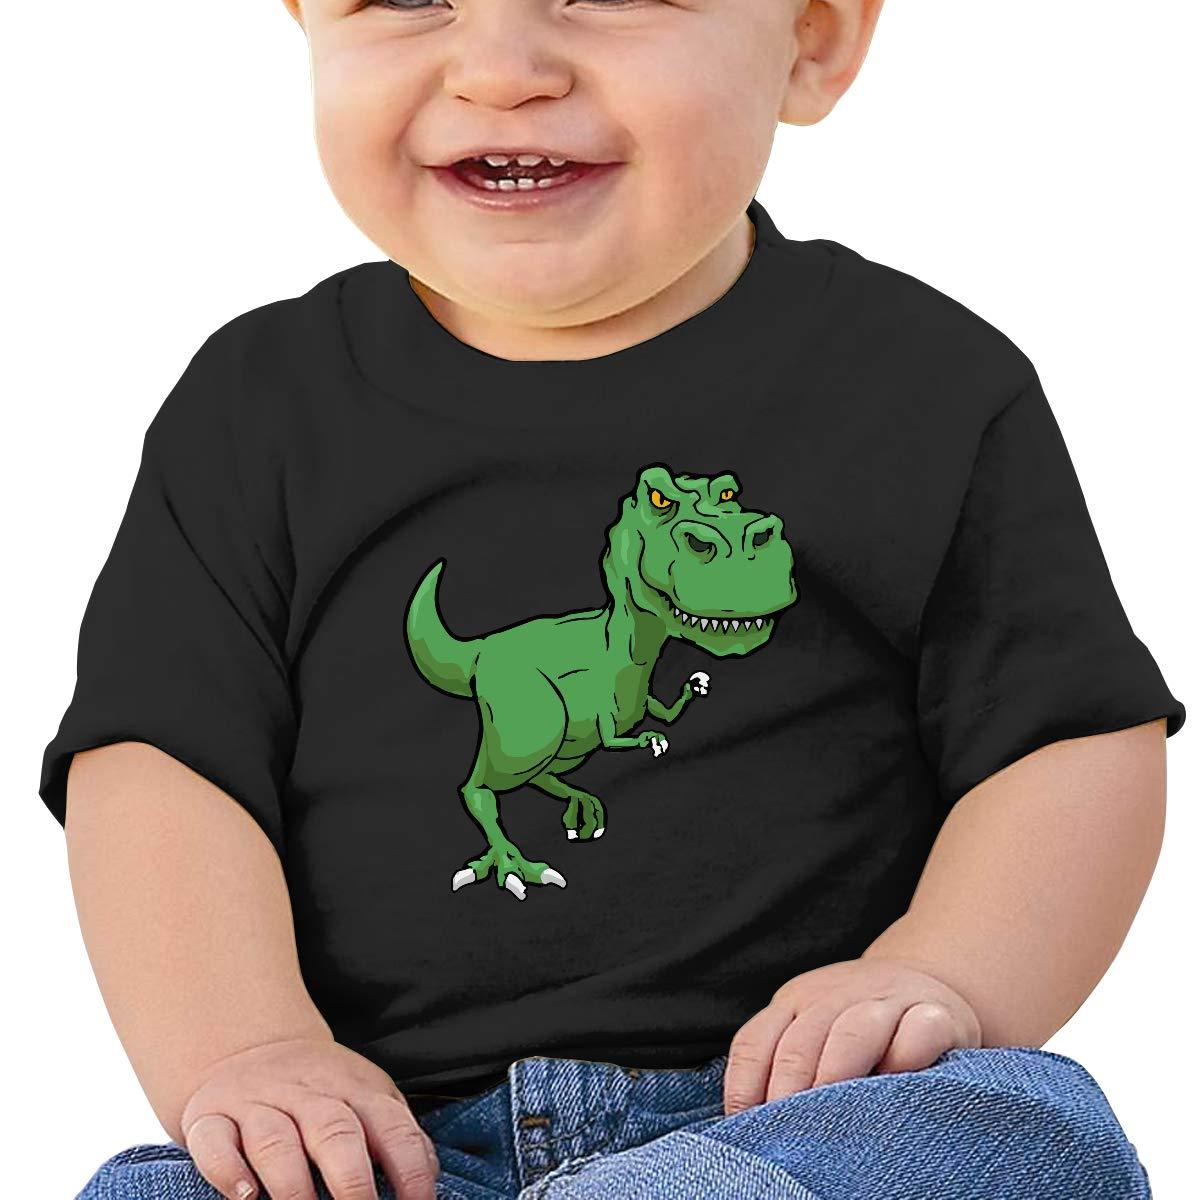 Green Tyrannosaurus Rex T Rex Newborn Baby Short Sleeve Crew Neck Tee Shirt 6-18 Month Tops